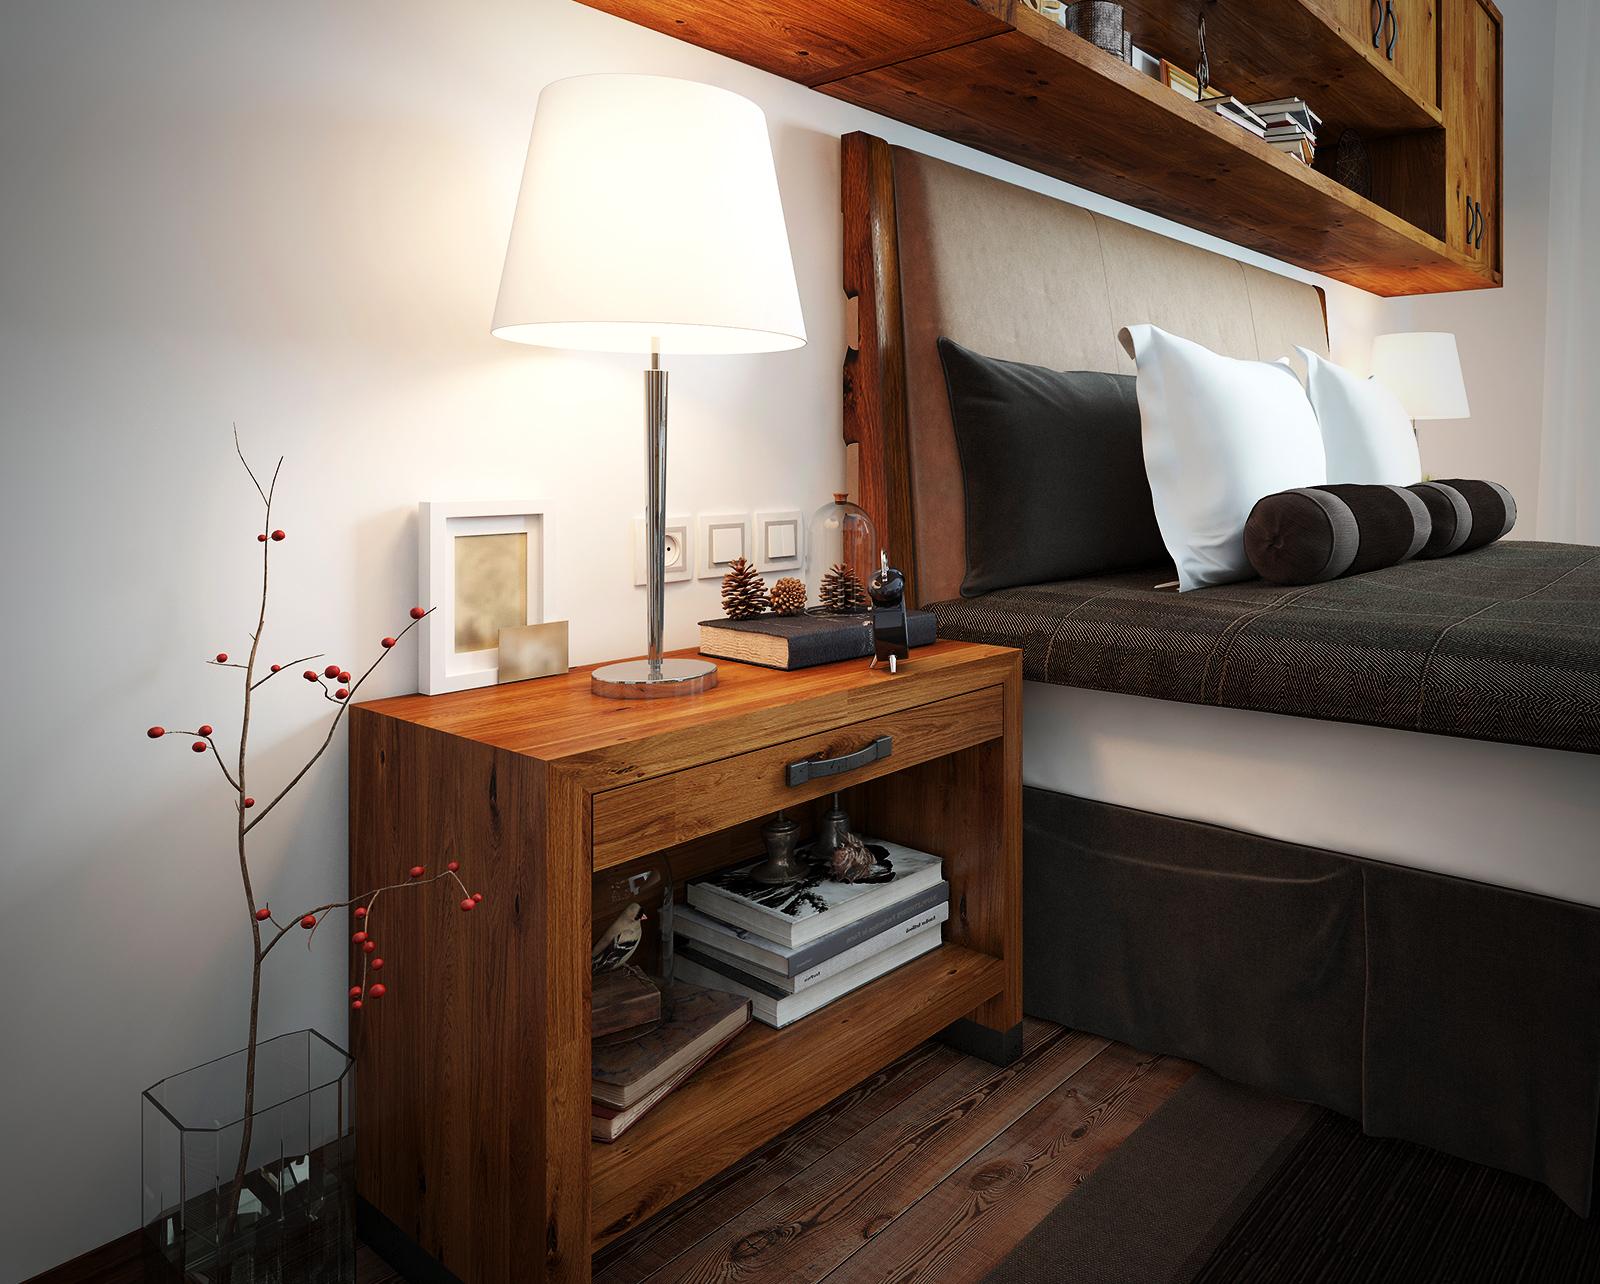 こだわりを、イチから。 時を刻むほど、愛着の湧く家具